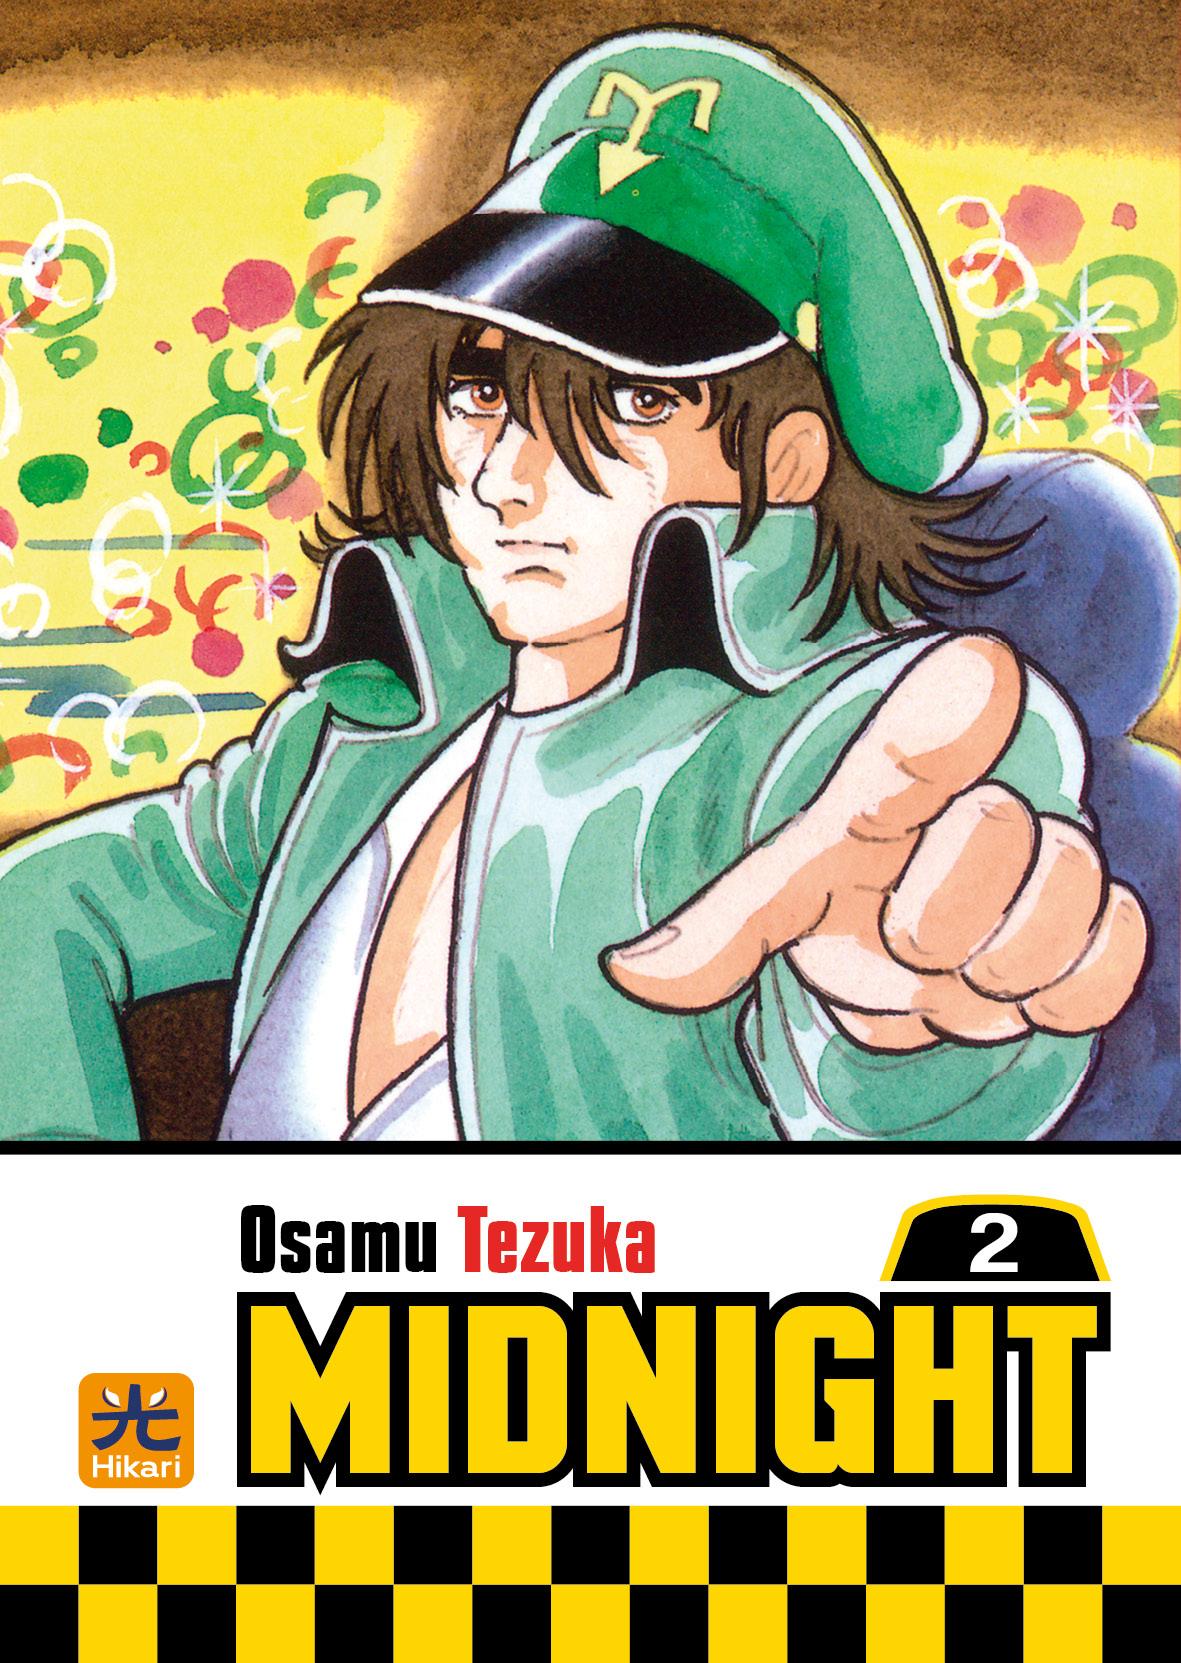 Midnight 1 di (6) (Copia)